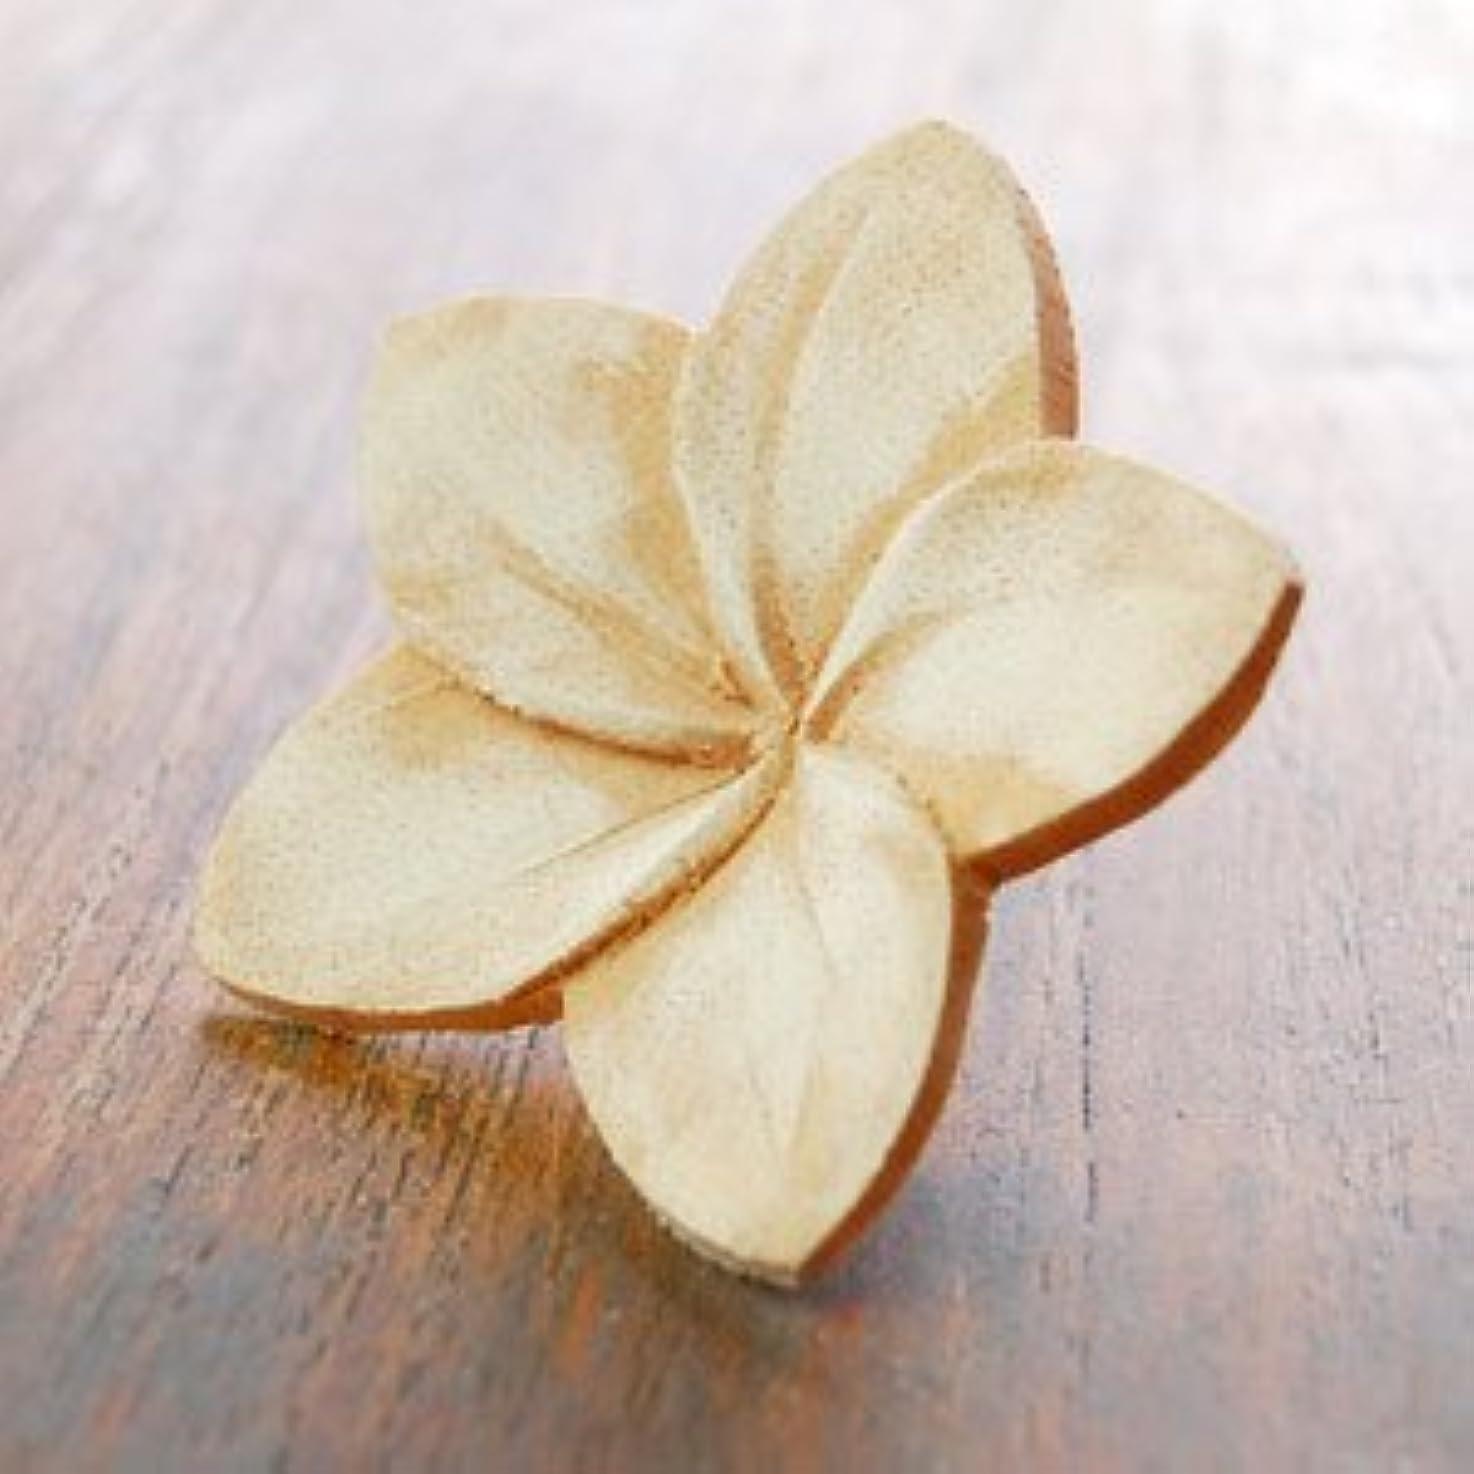 コンドーム引退したドック【アジア工房】プルメリアの花びらをモチーフにした木製アロマフラワー[Bタイプ][10892] [並行輸入品]